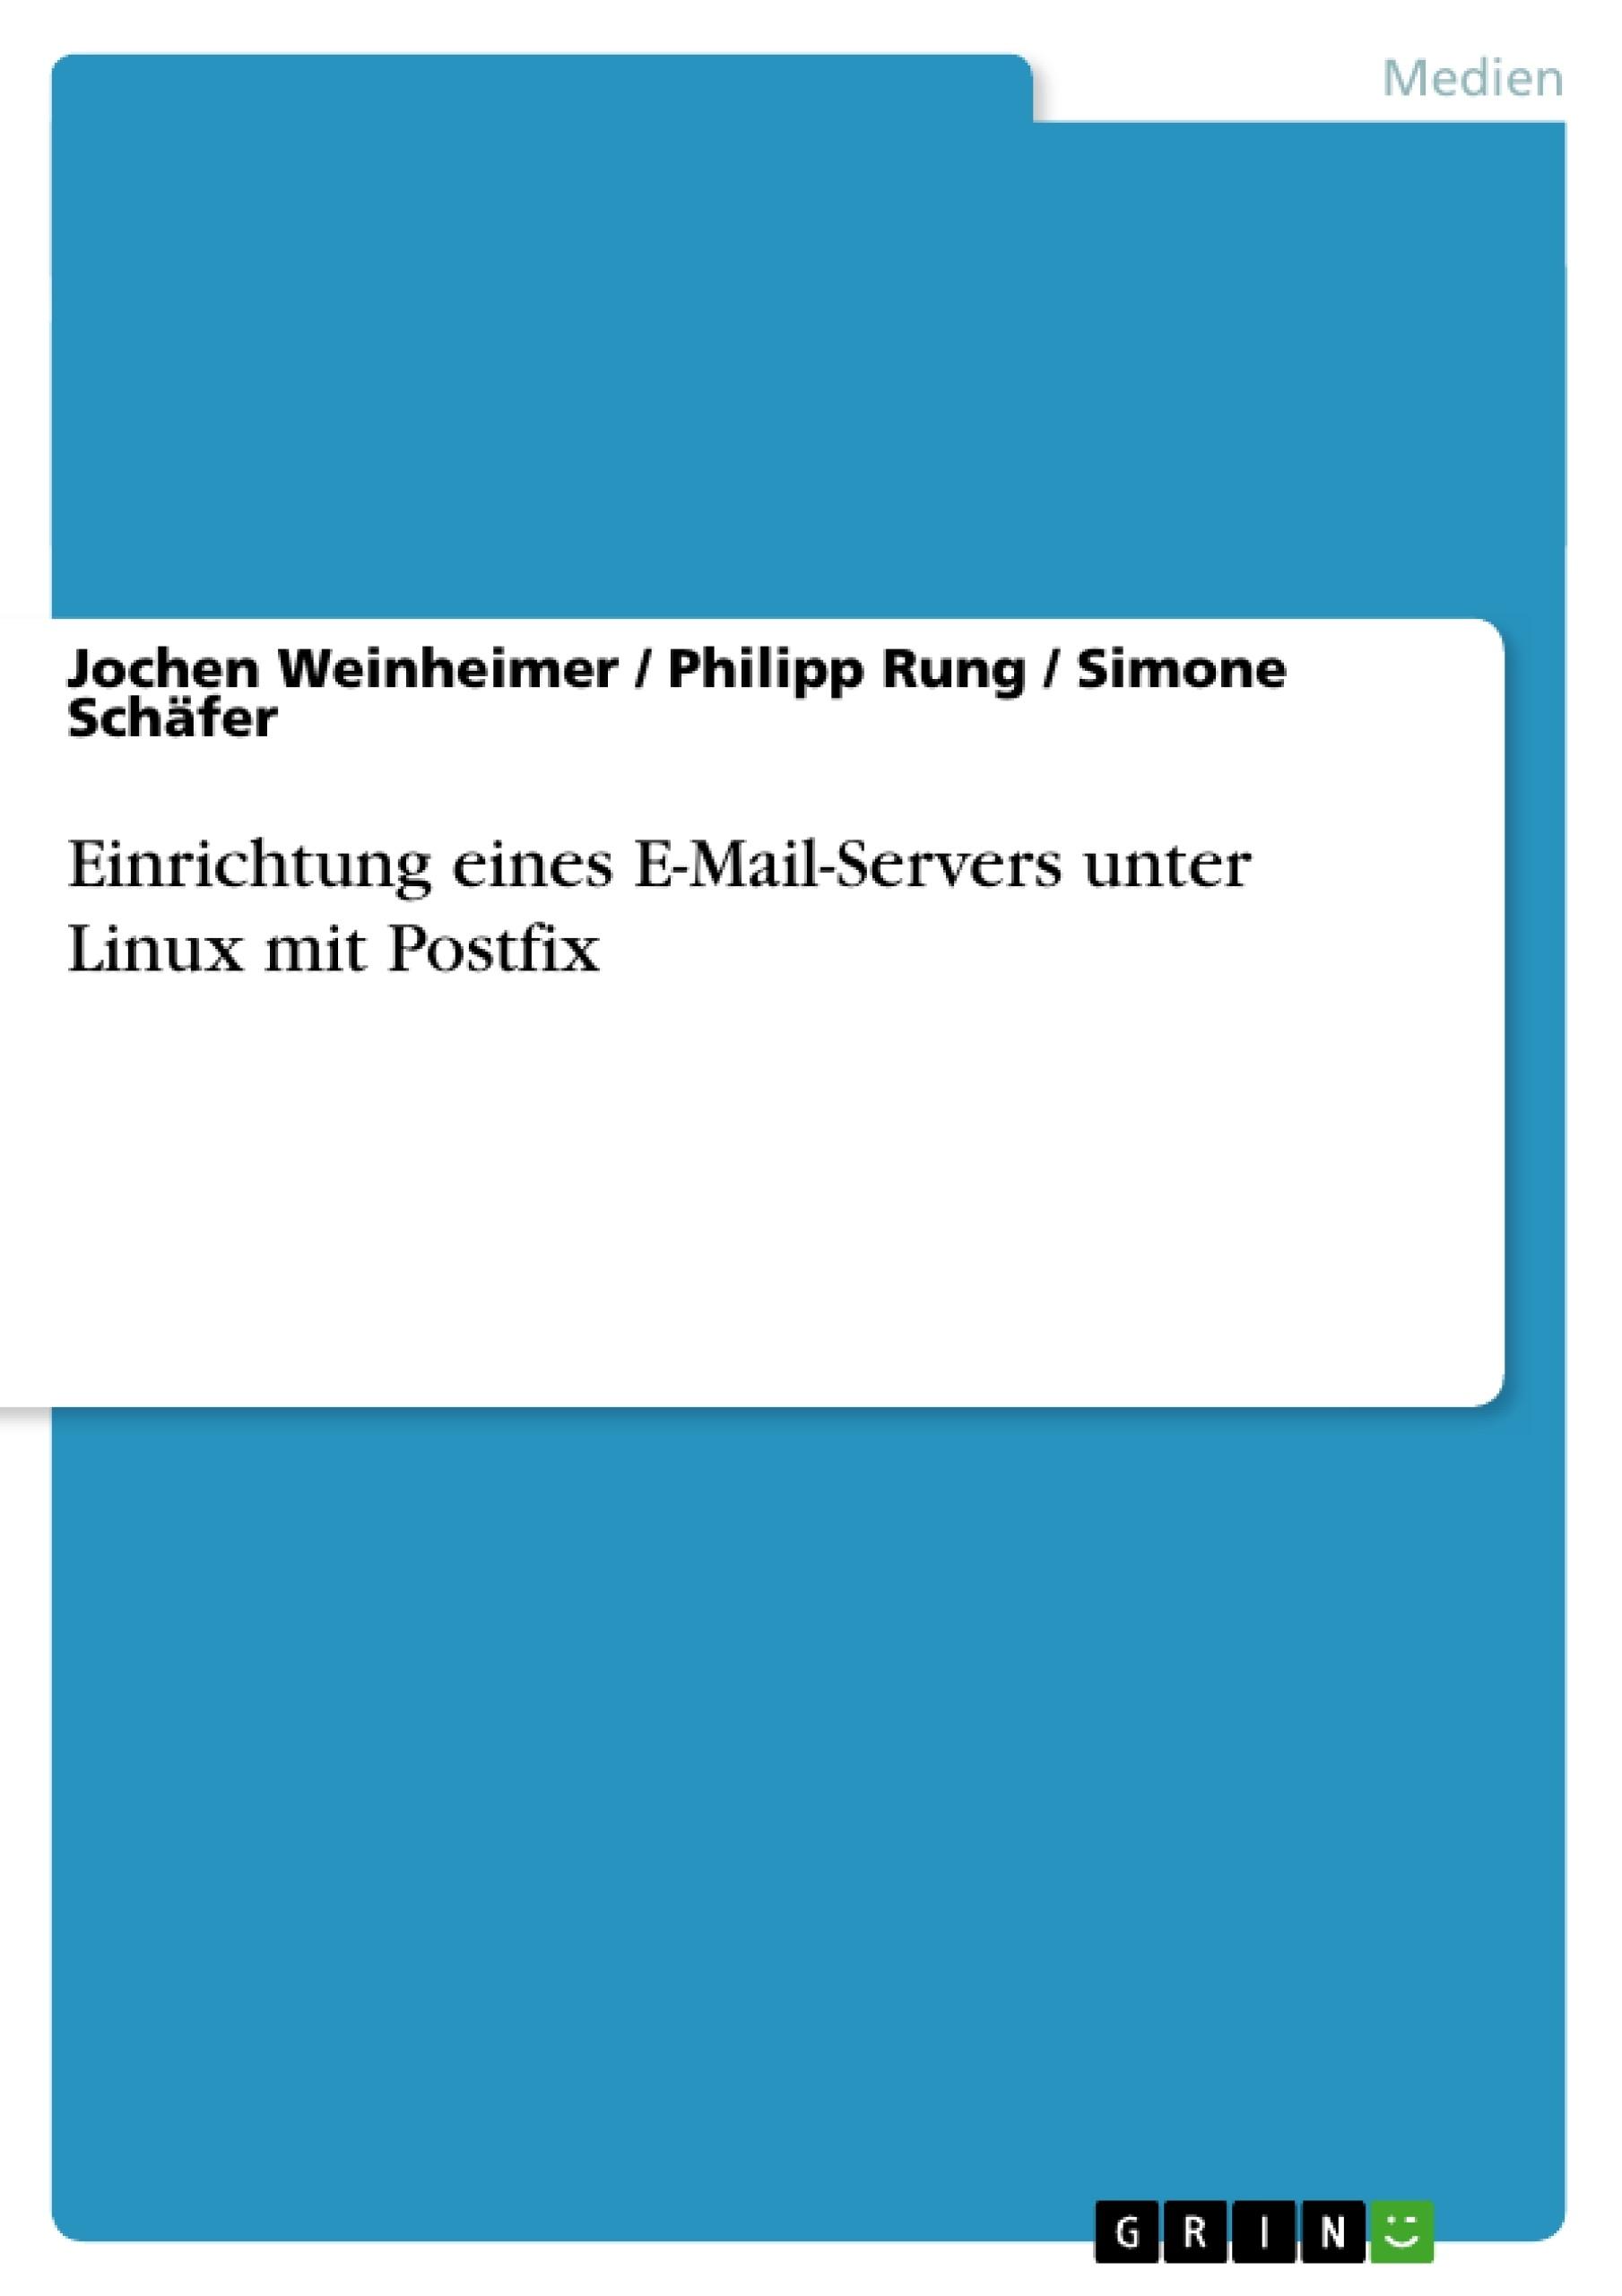 Titel: Einrichtung eines E-Mail-Servers unter Linux mit Postfix